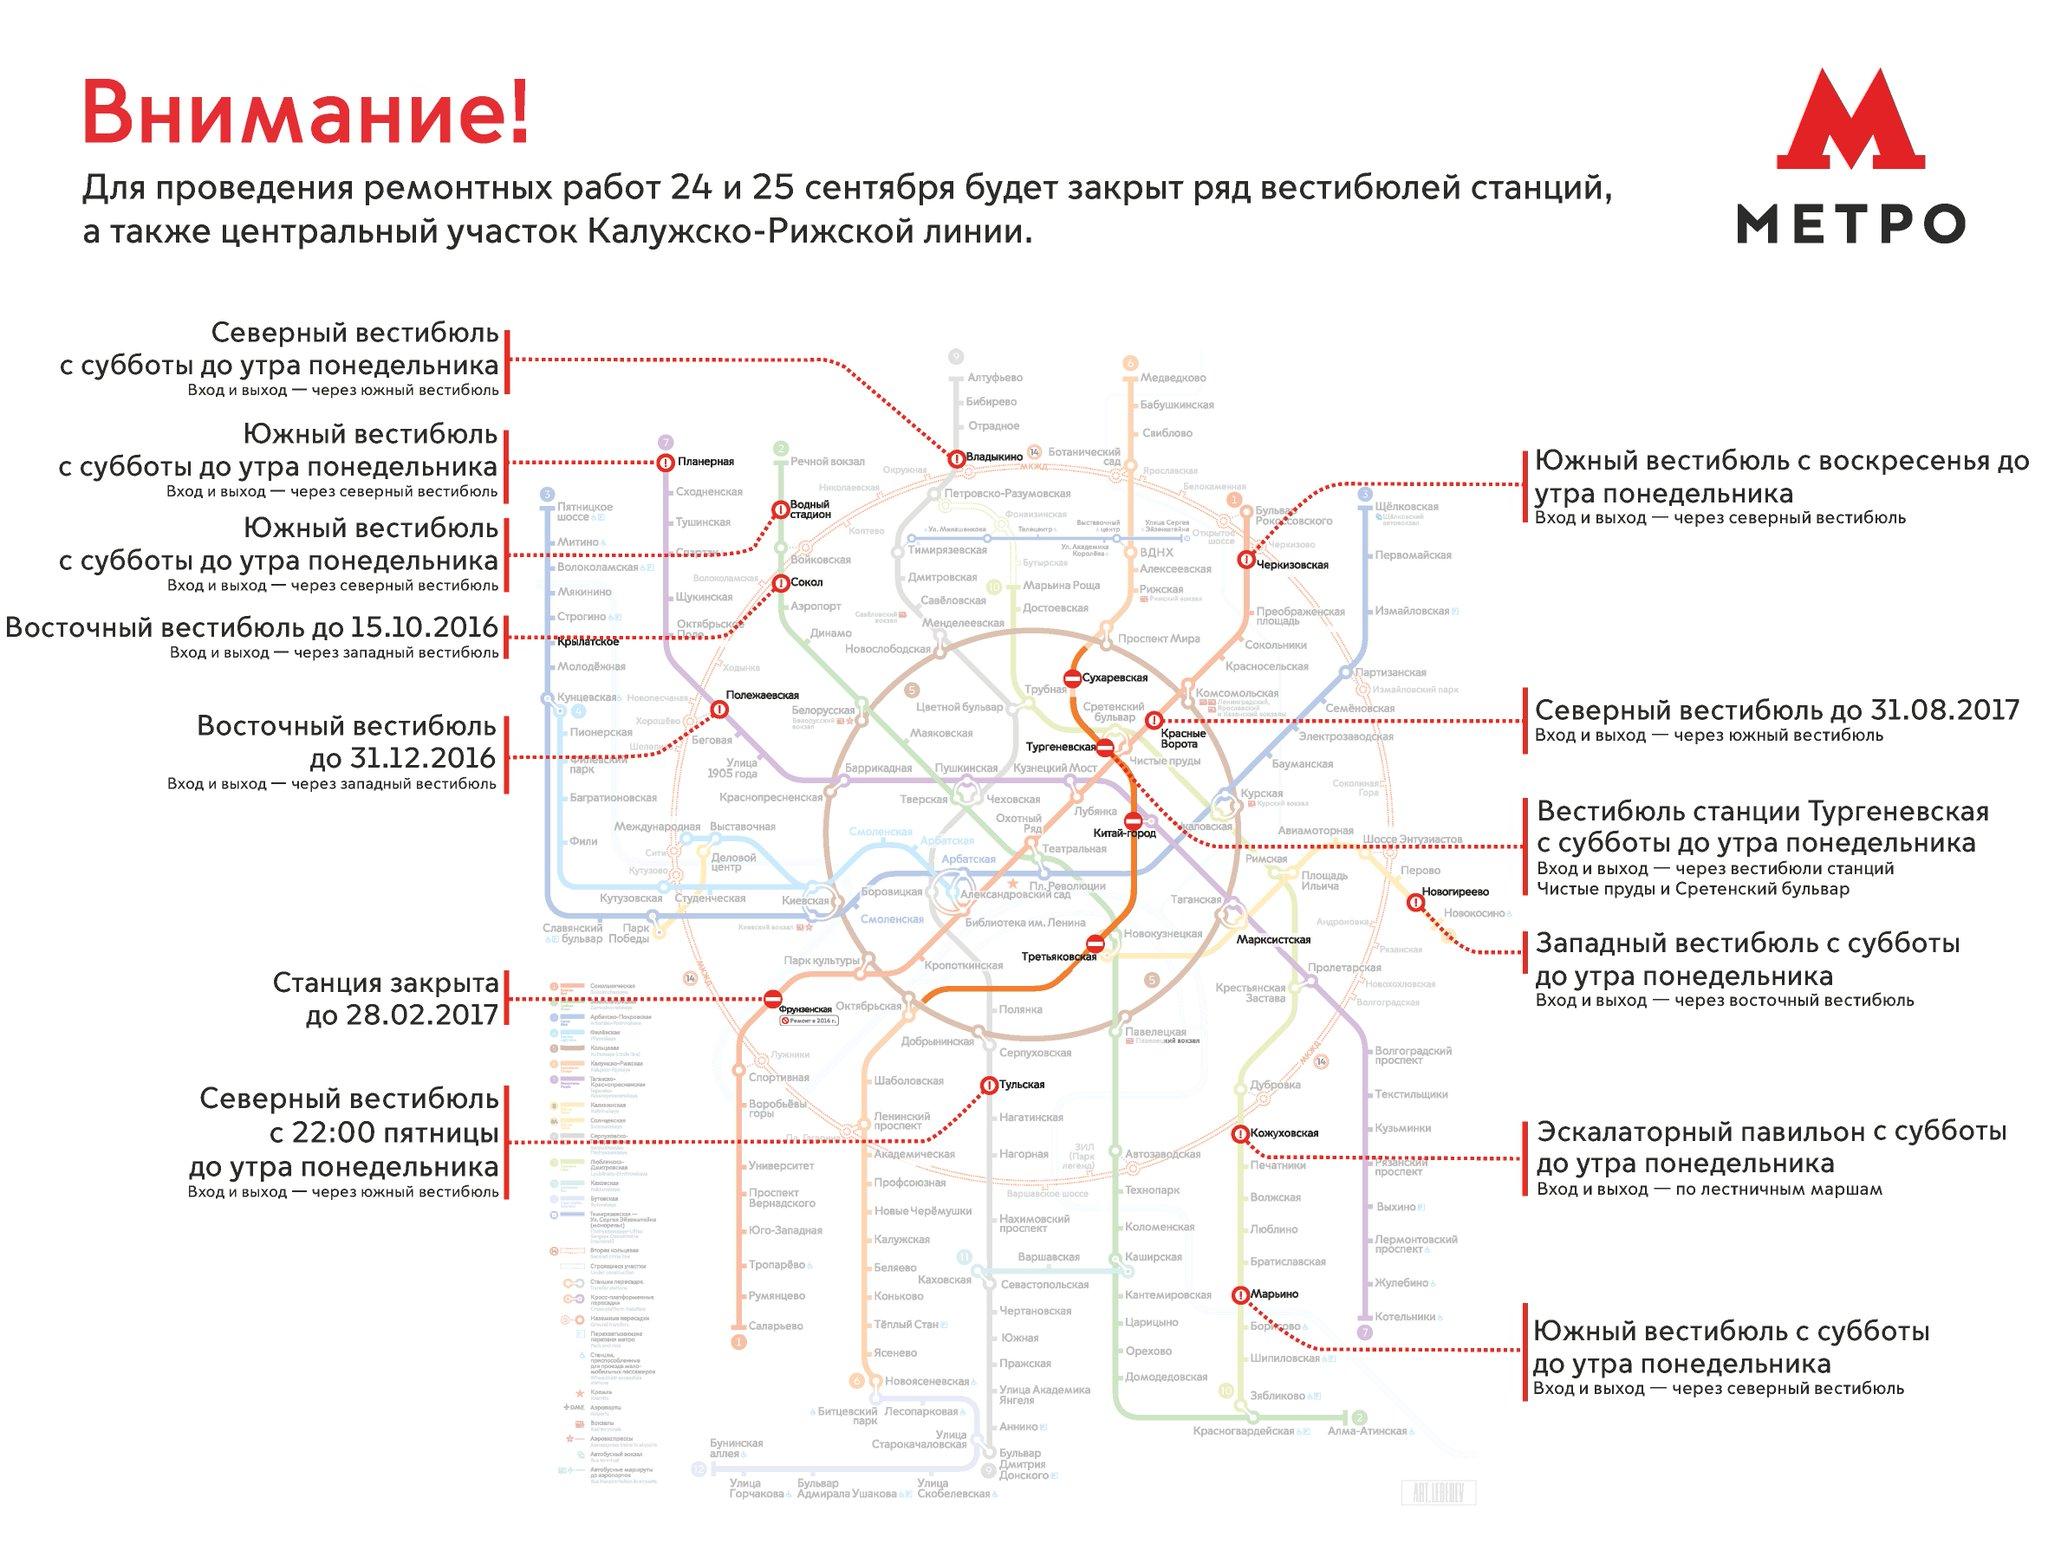 Схема метро вестибюли и выходы